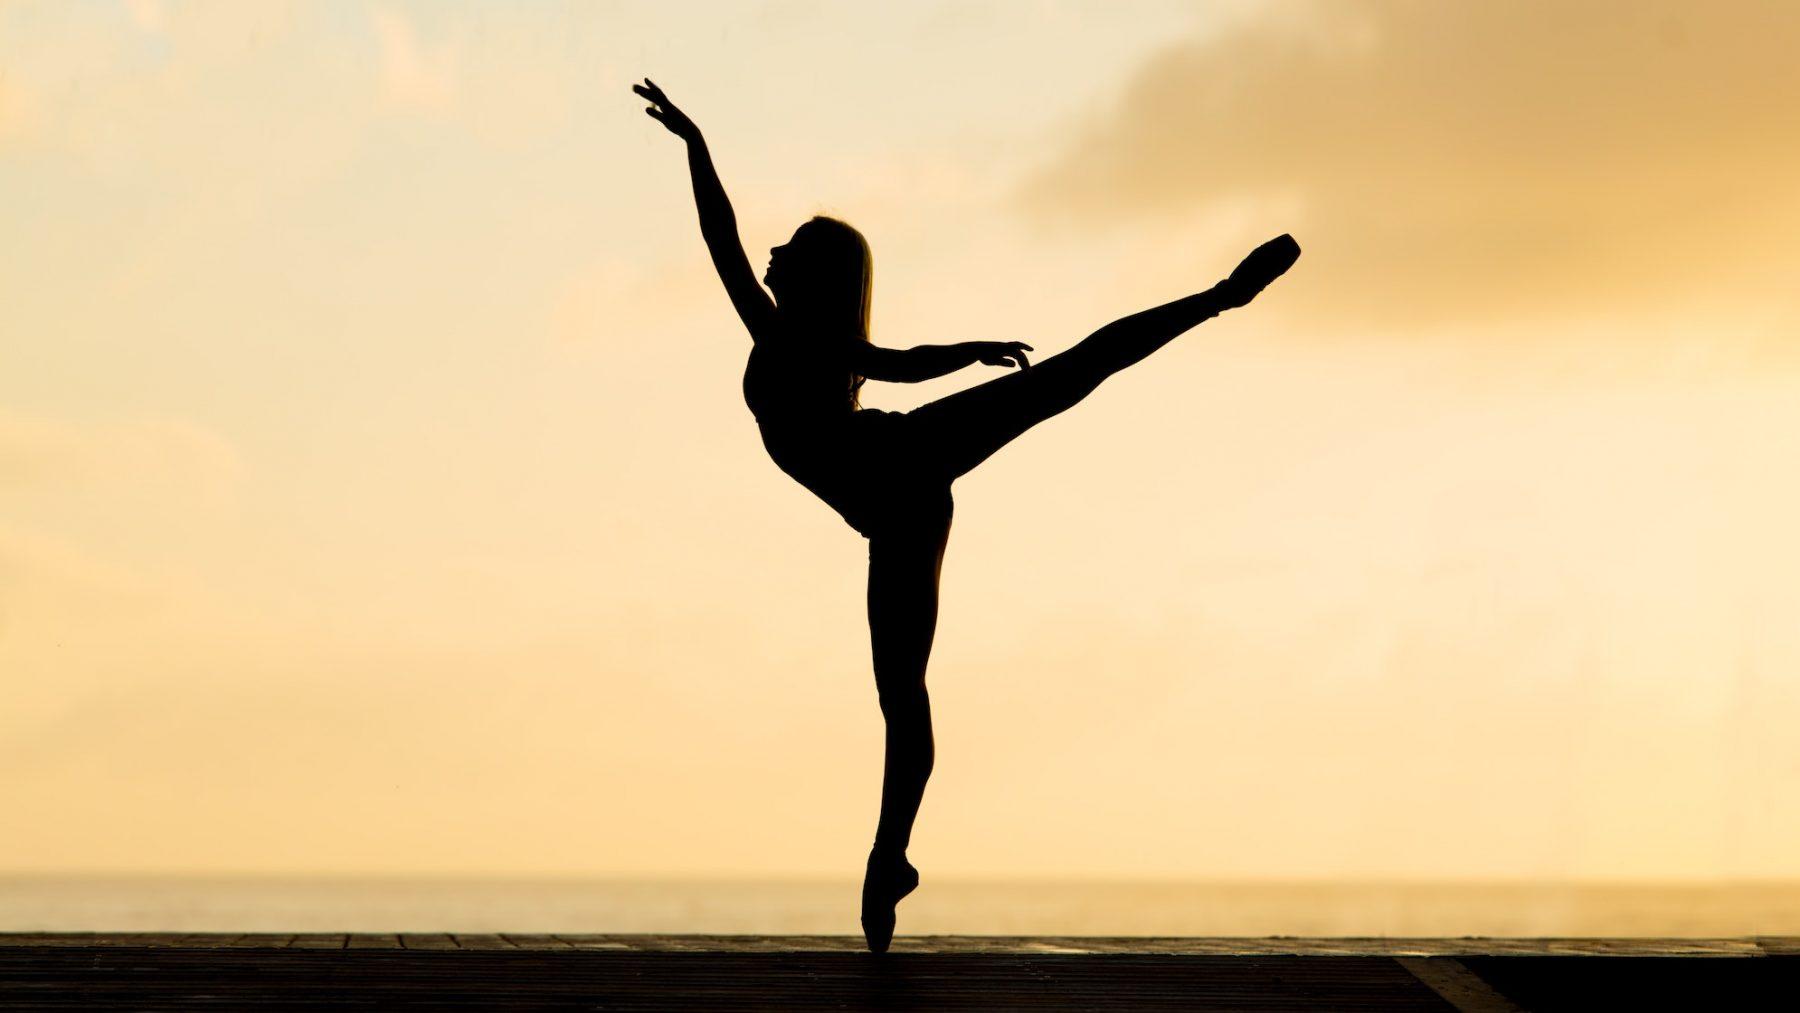 groningen misbruik man dans dansschool minderjarigen